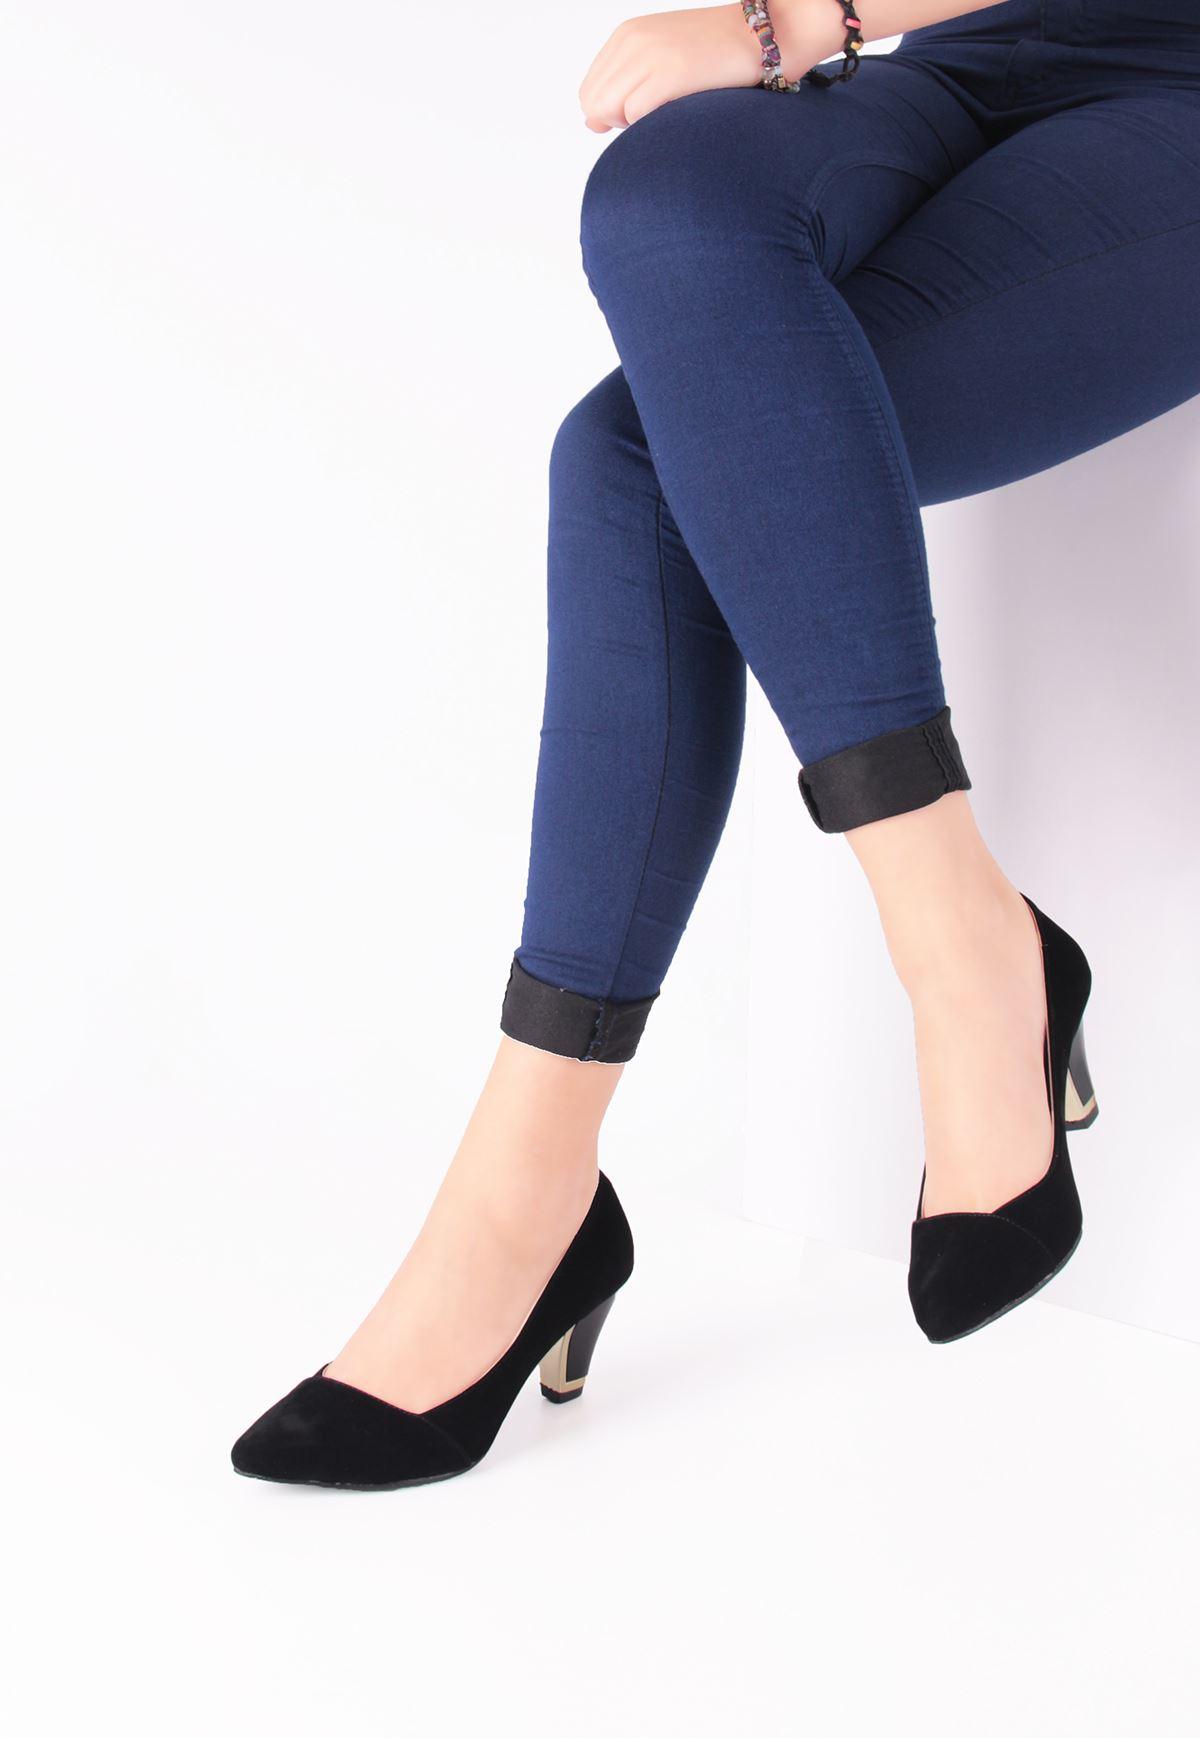 Erb Siyah Süet Yan Kesim Bayan Kısa Topuk Ayakkabı